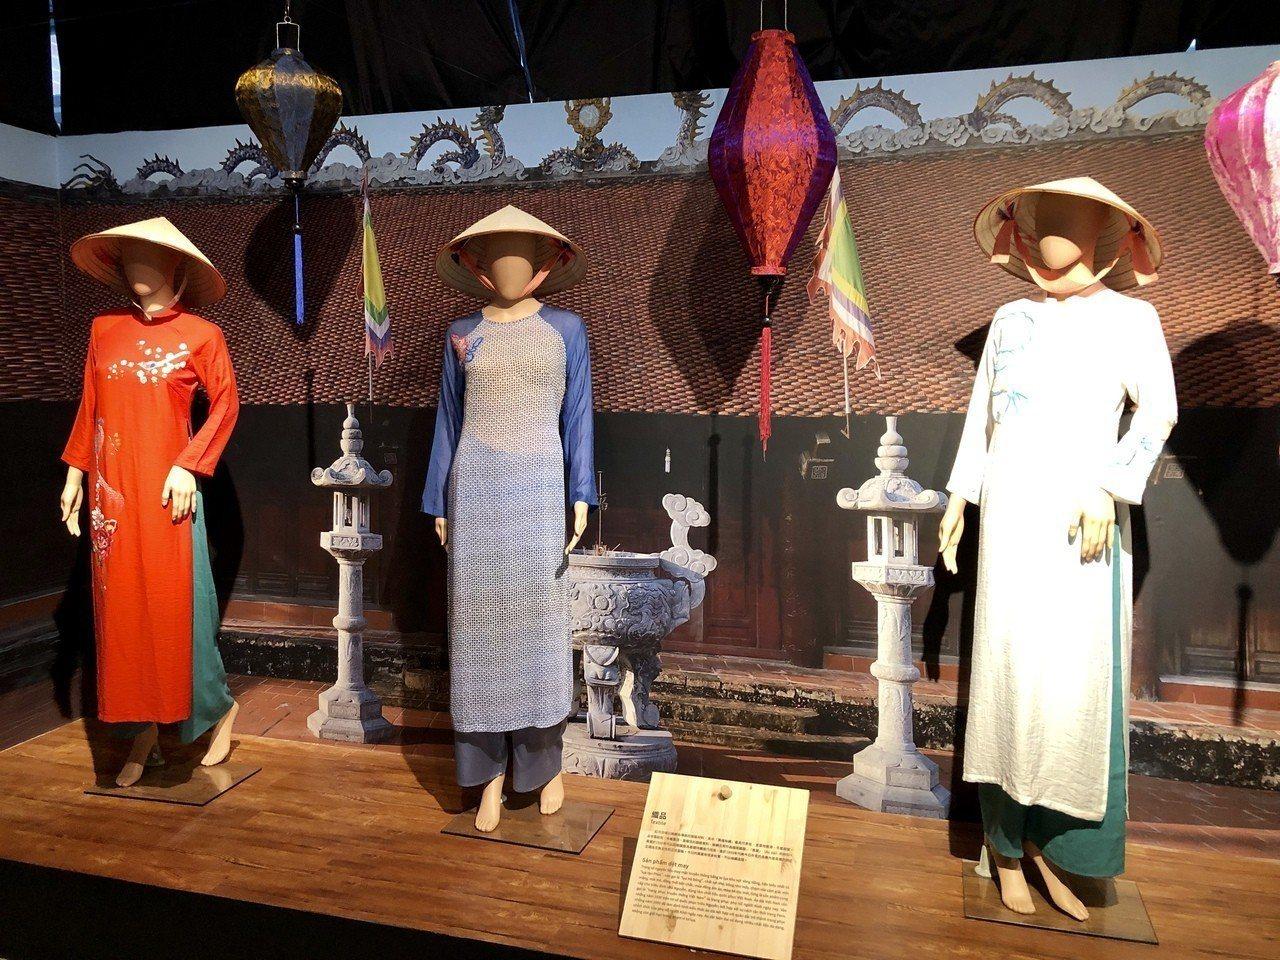 展出項目包含漆器、竹編、陶器與越南國服「奧黛」織品等精美的傳統工藝品。記者宋健生...